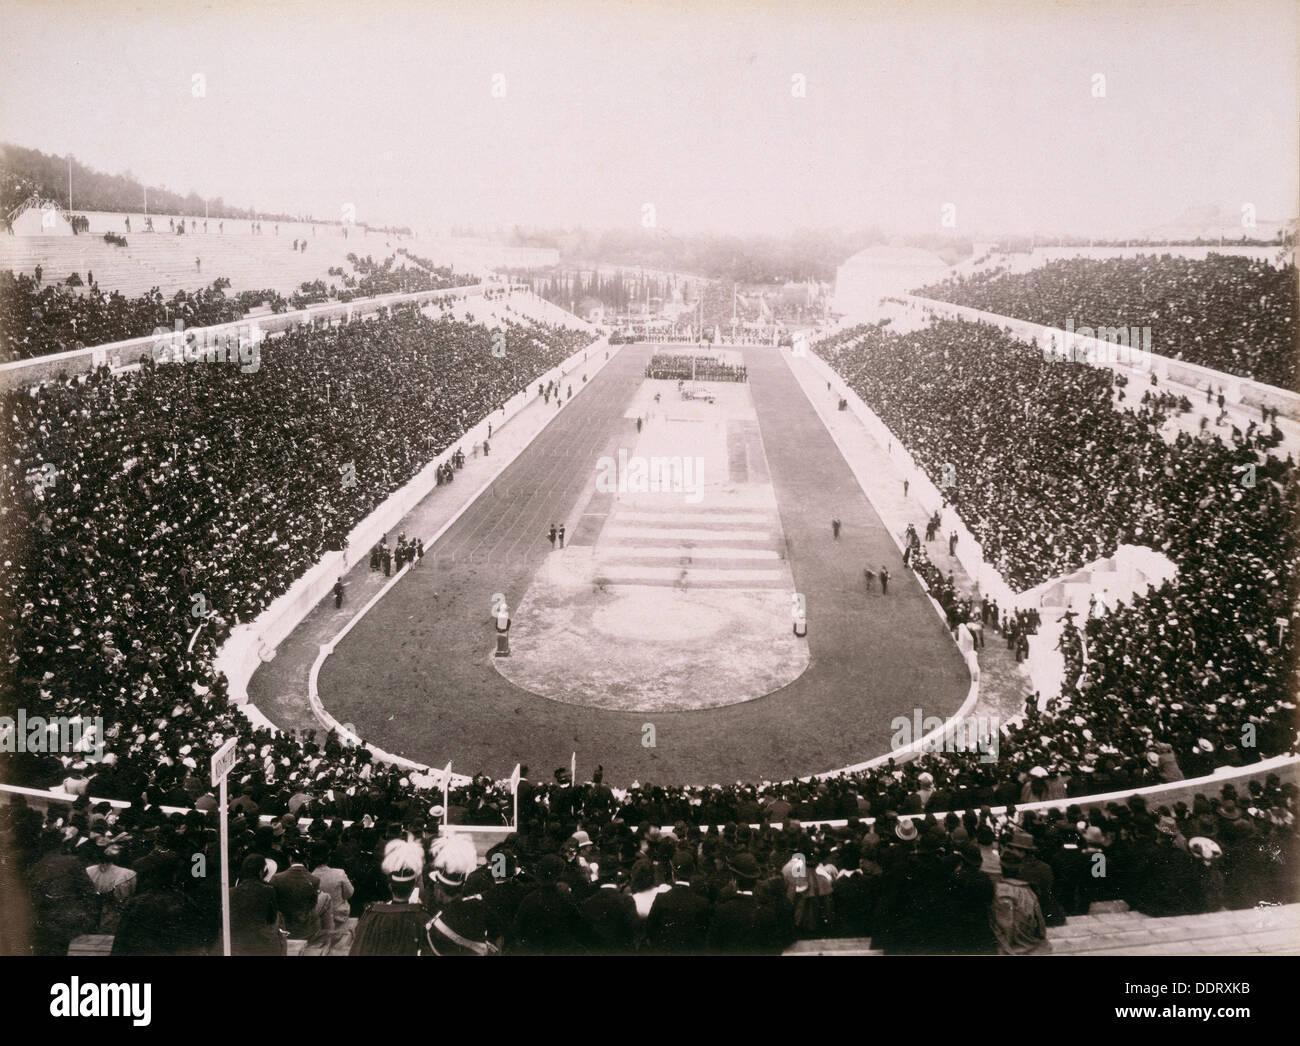 Vista de los primeros Juegos Olímpicos modernos en Atenas, 1896. Artista: Desconocido Imagen De Stock